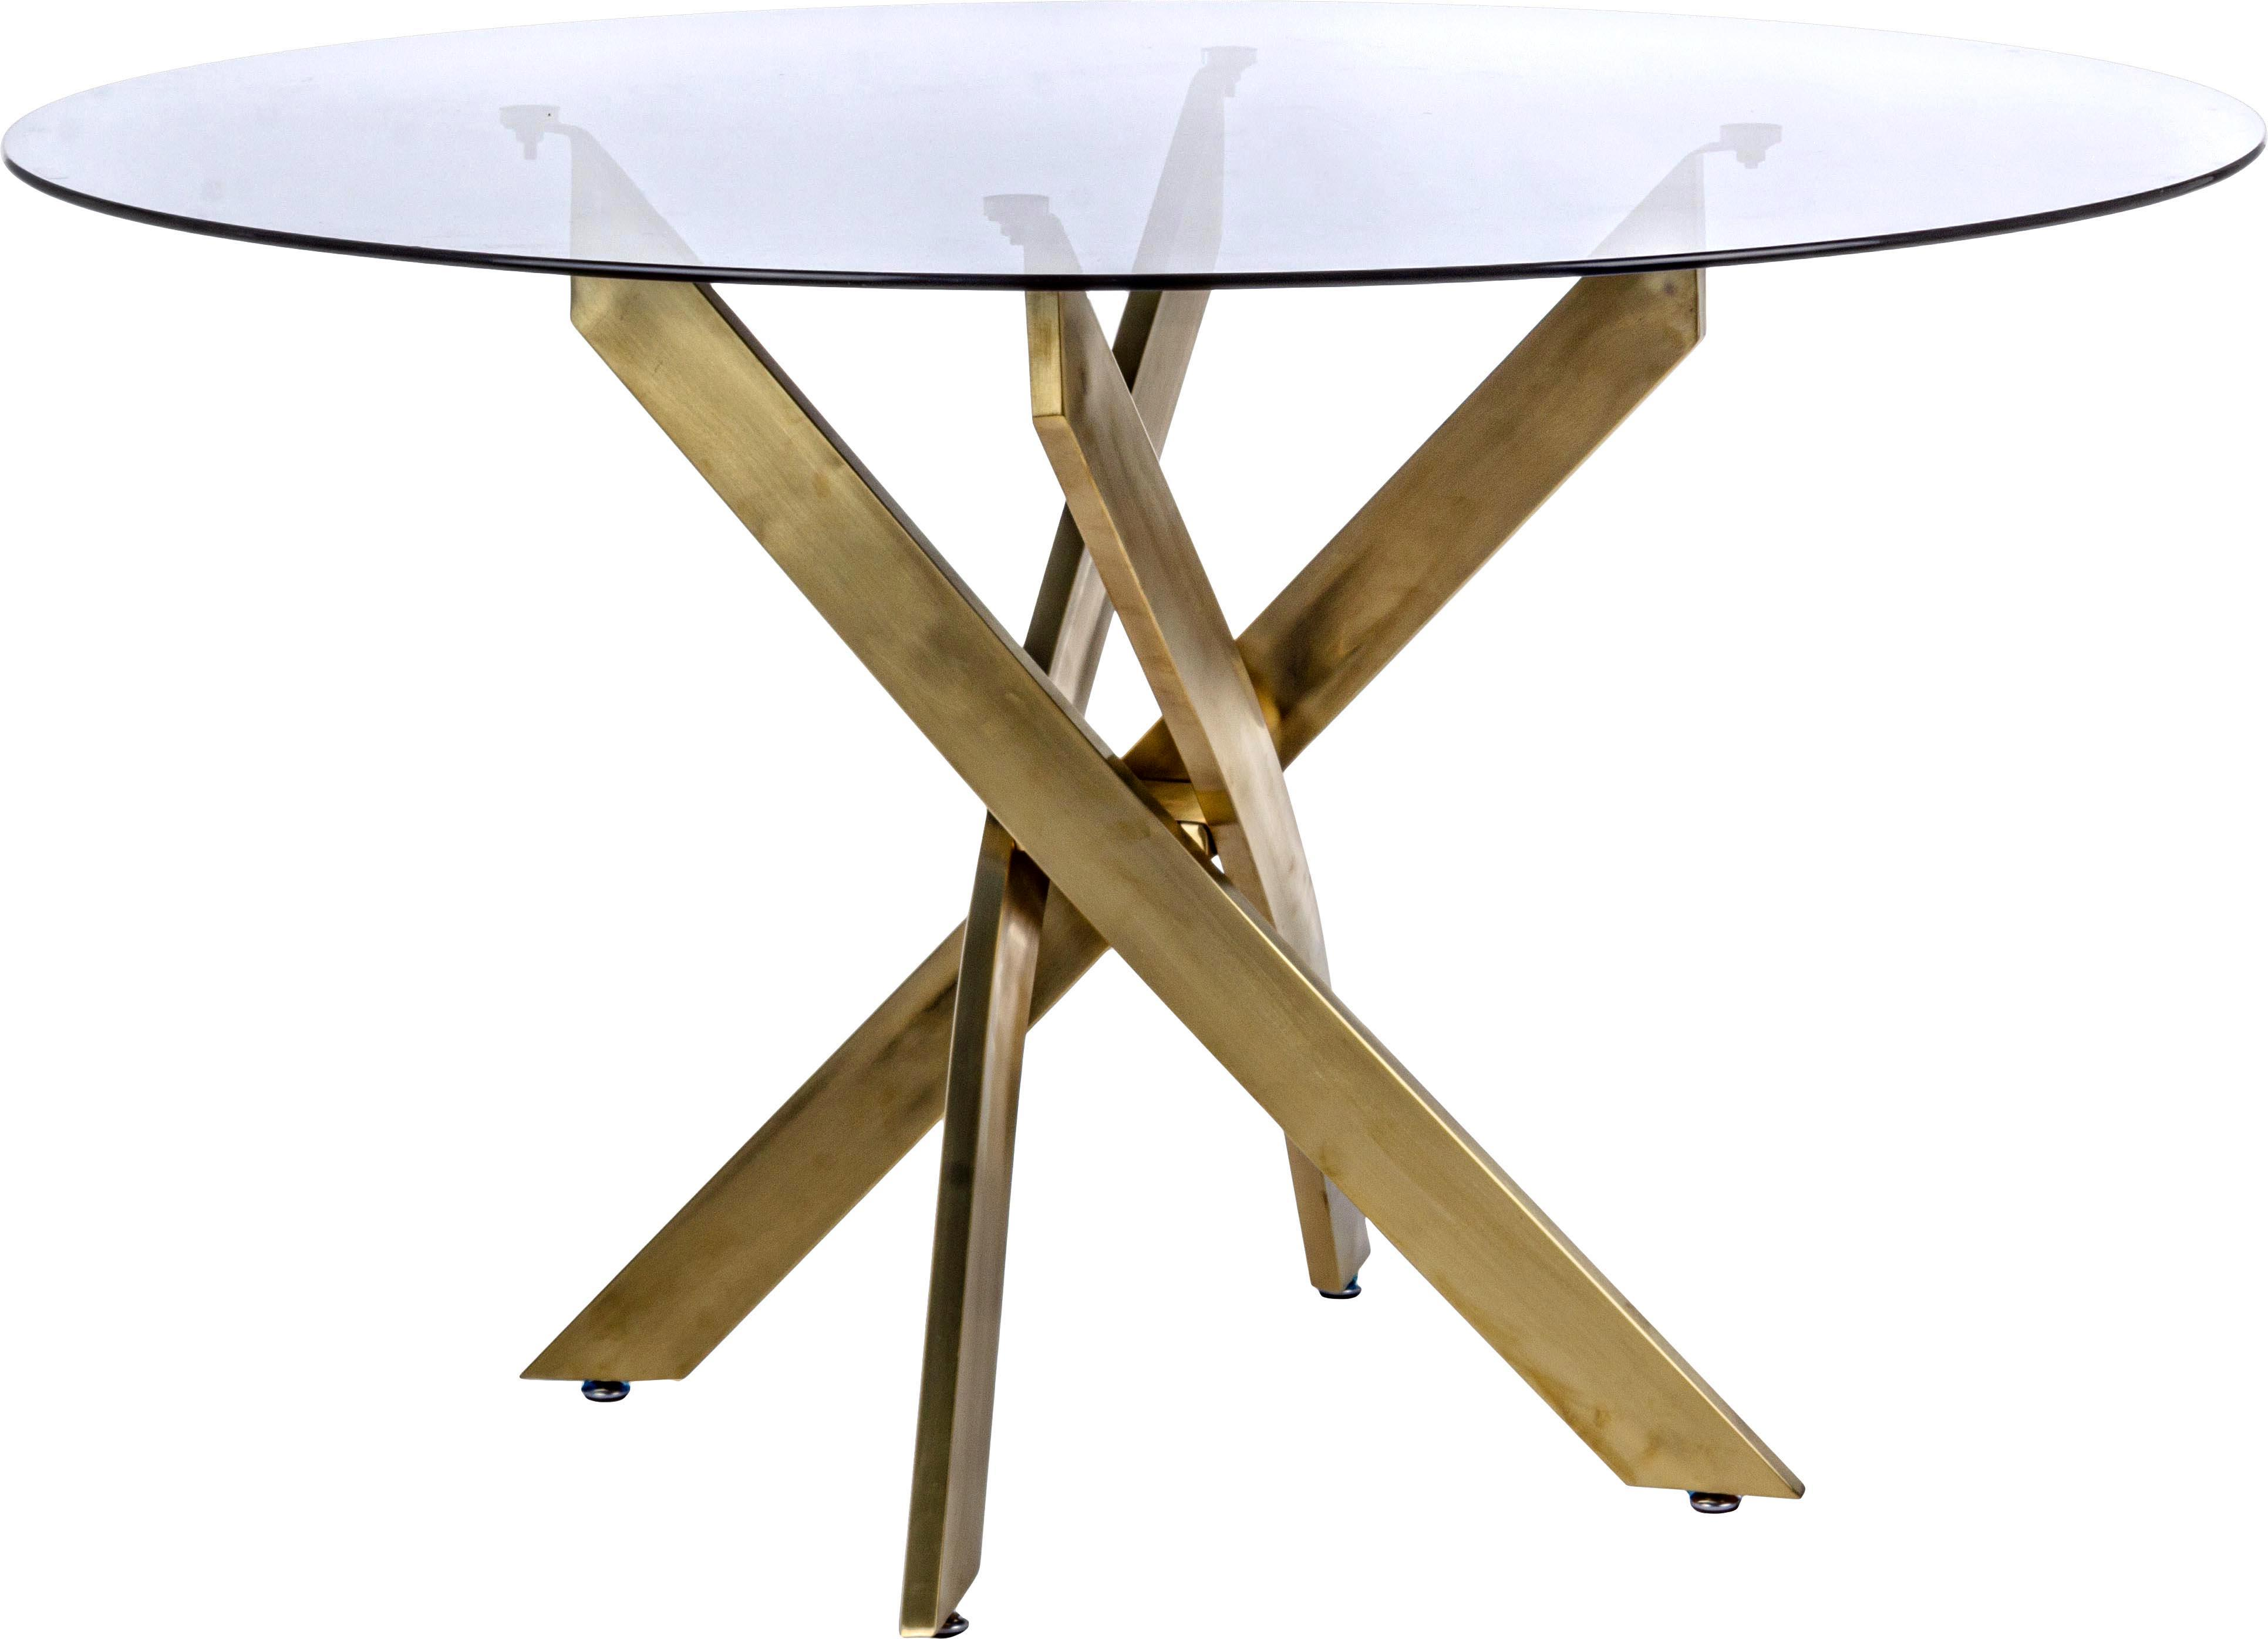 Eettafel George met glazen tafelblad, Tafelblad: getint glas, Poten: gepoedercoat metaal, Zwart, messingkleurig, Ø 120 x H 75 cm